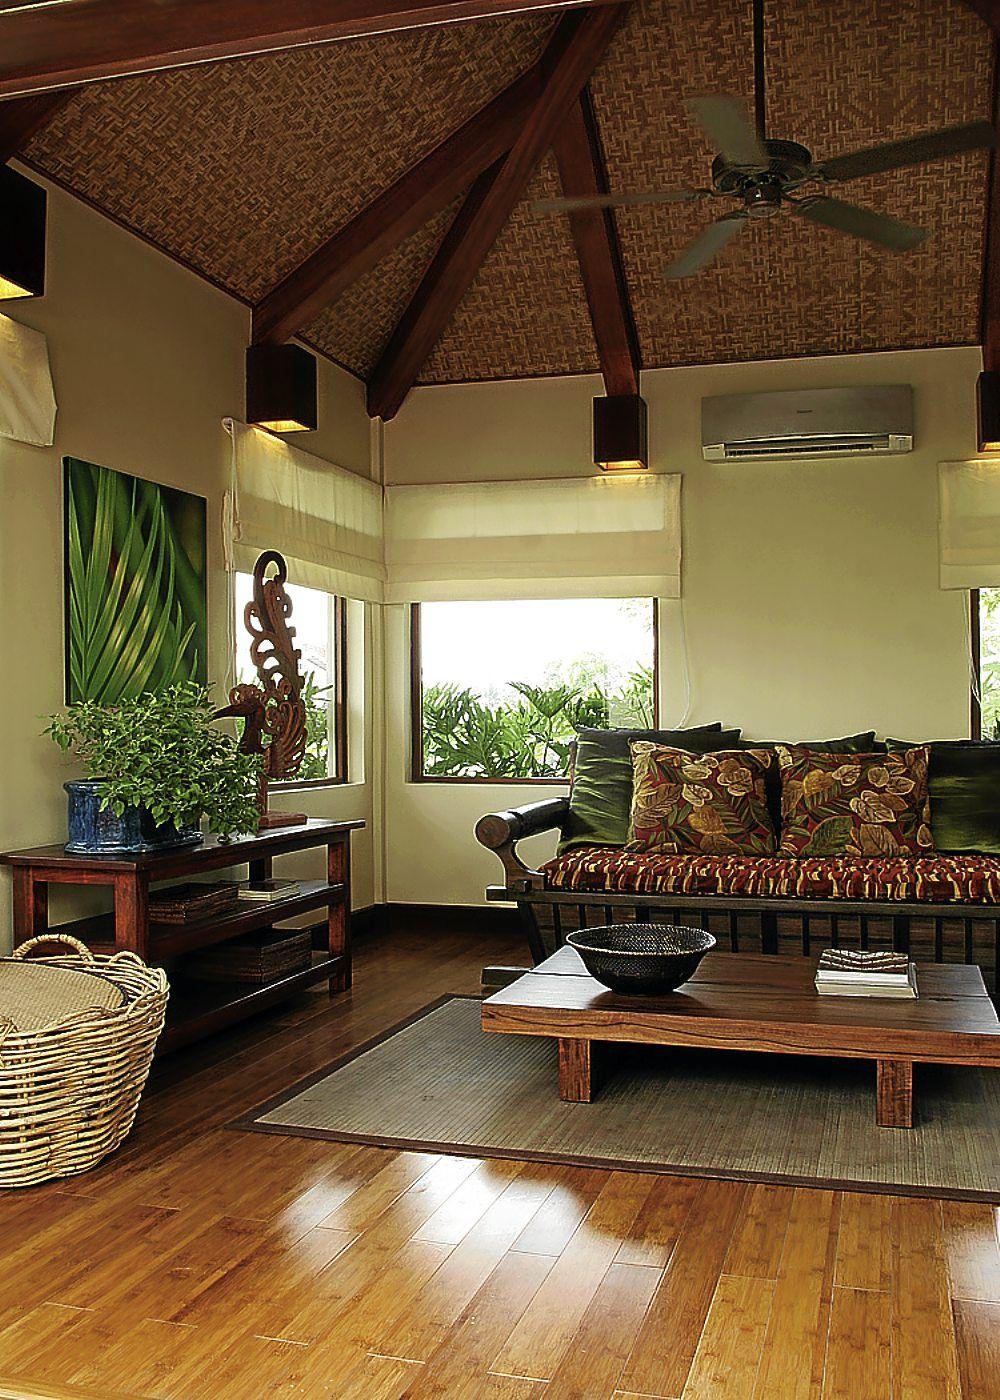 House Modern Philippine Interior Design